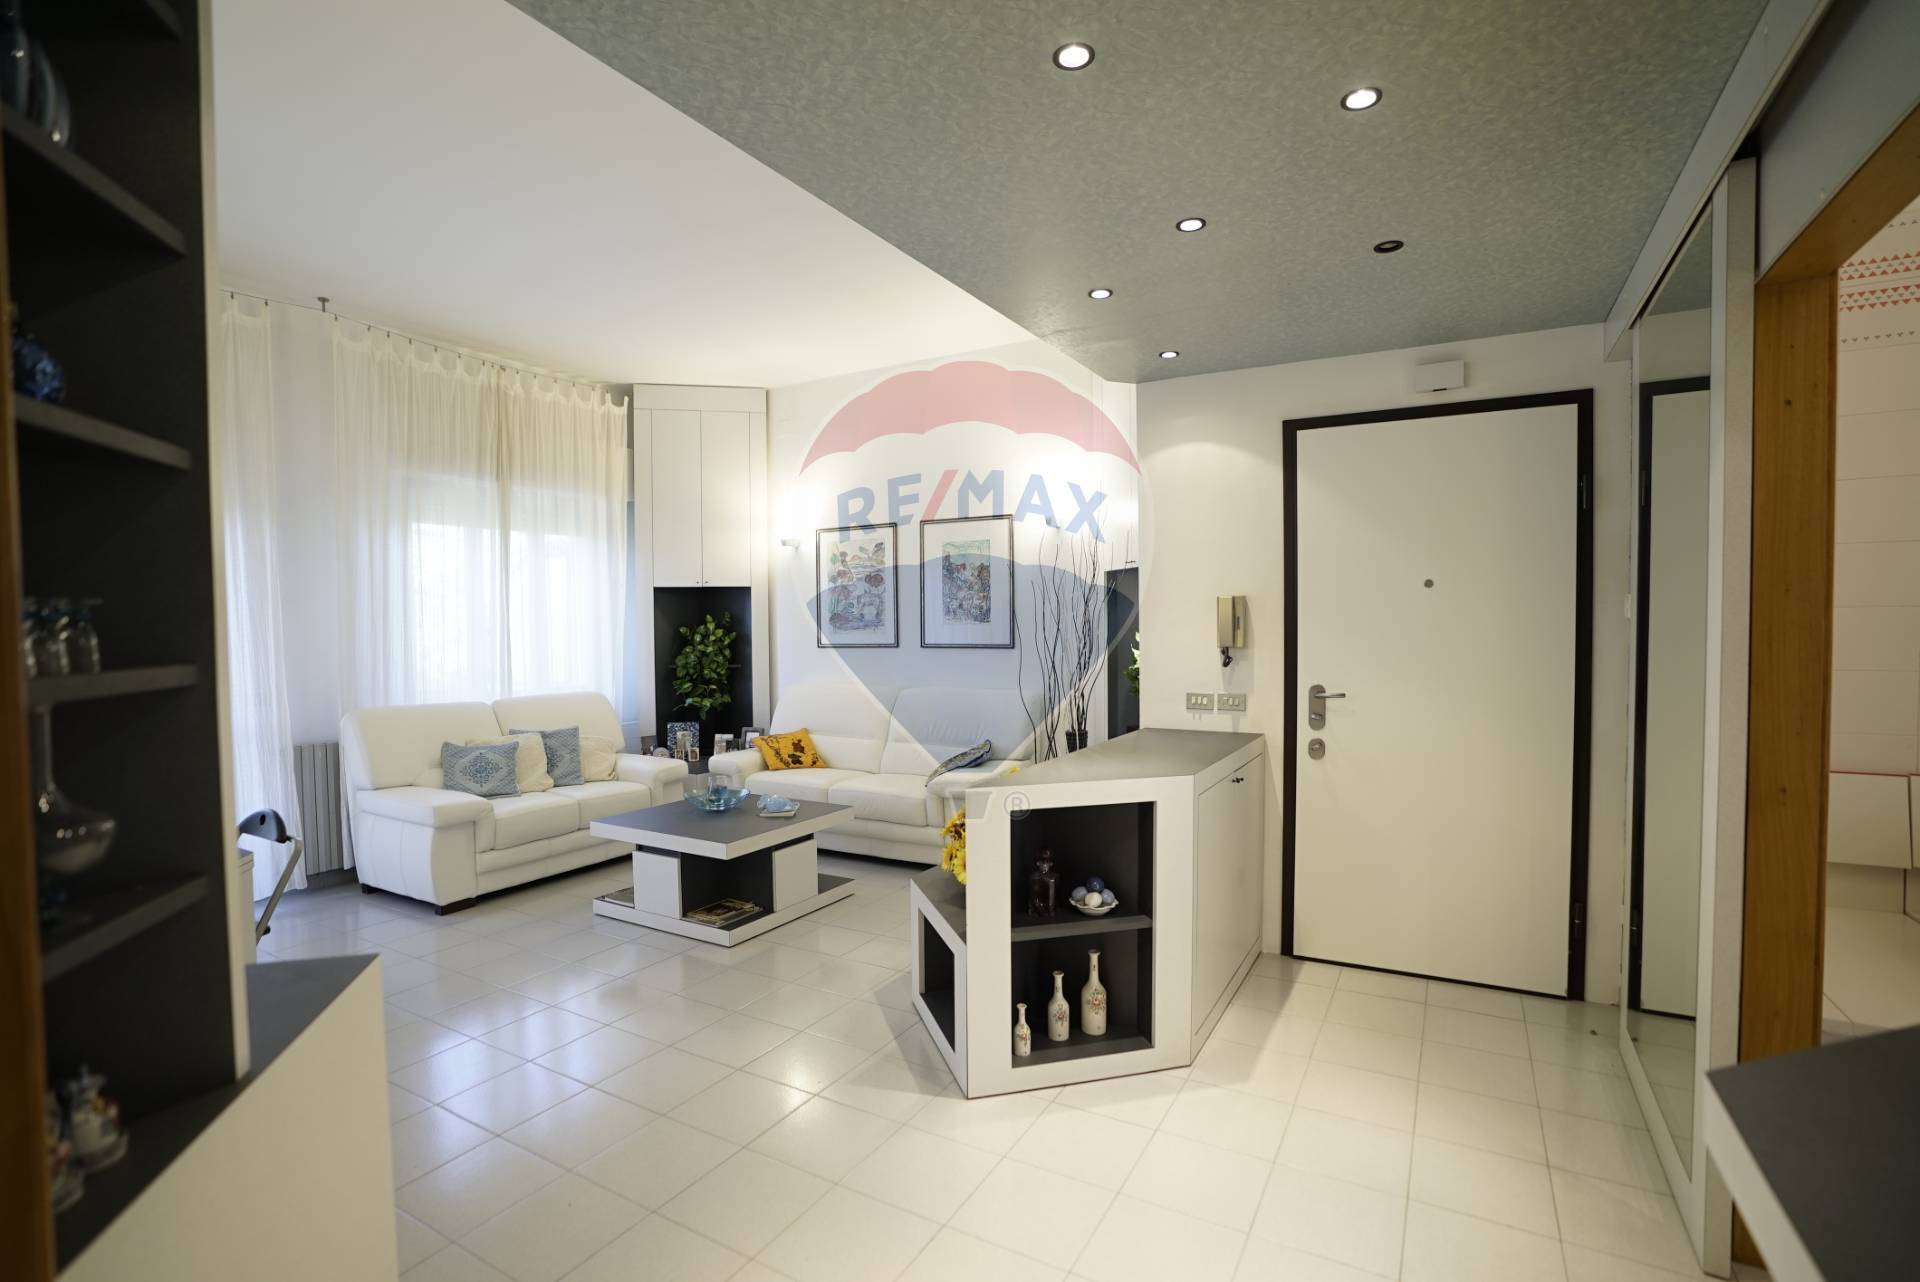 Appartamento in vendita a Rocca San Giovanni, 7 locali, prezzo € 120.000 | CambioCasa.it